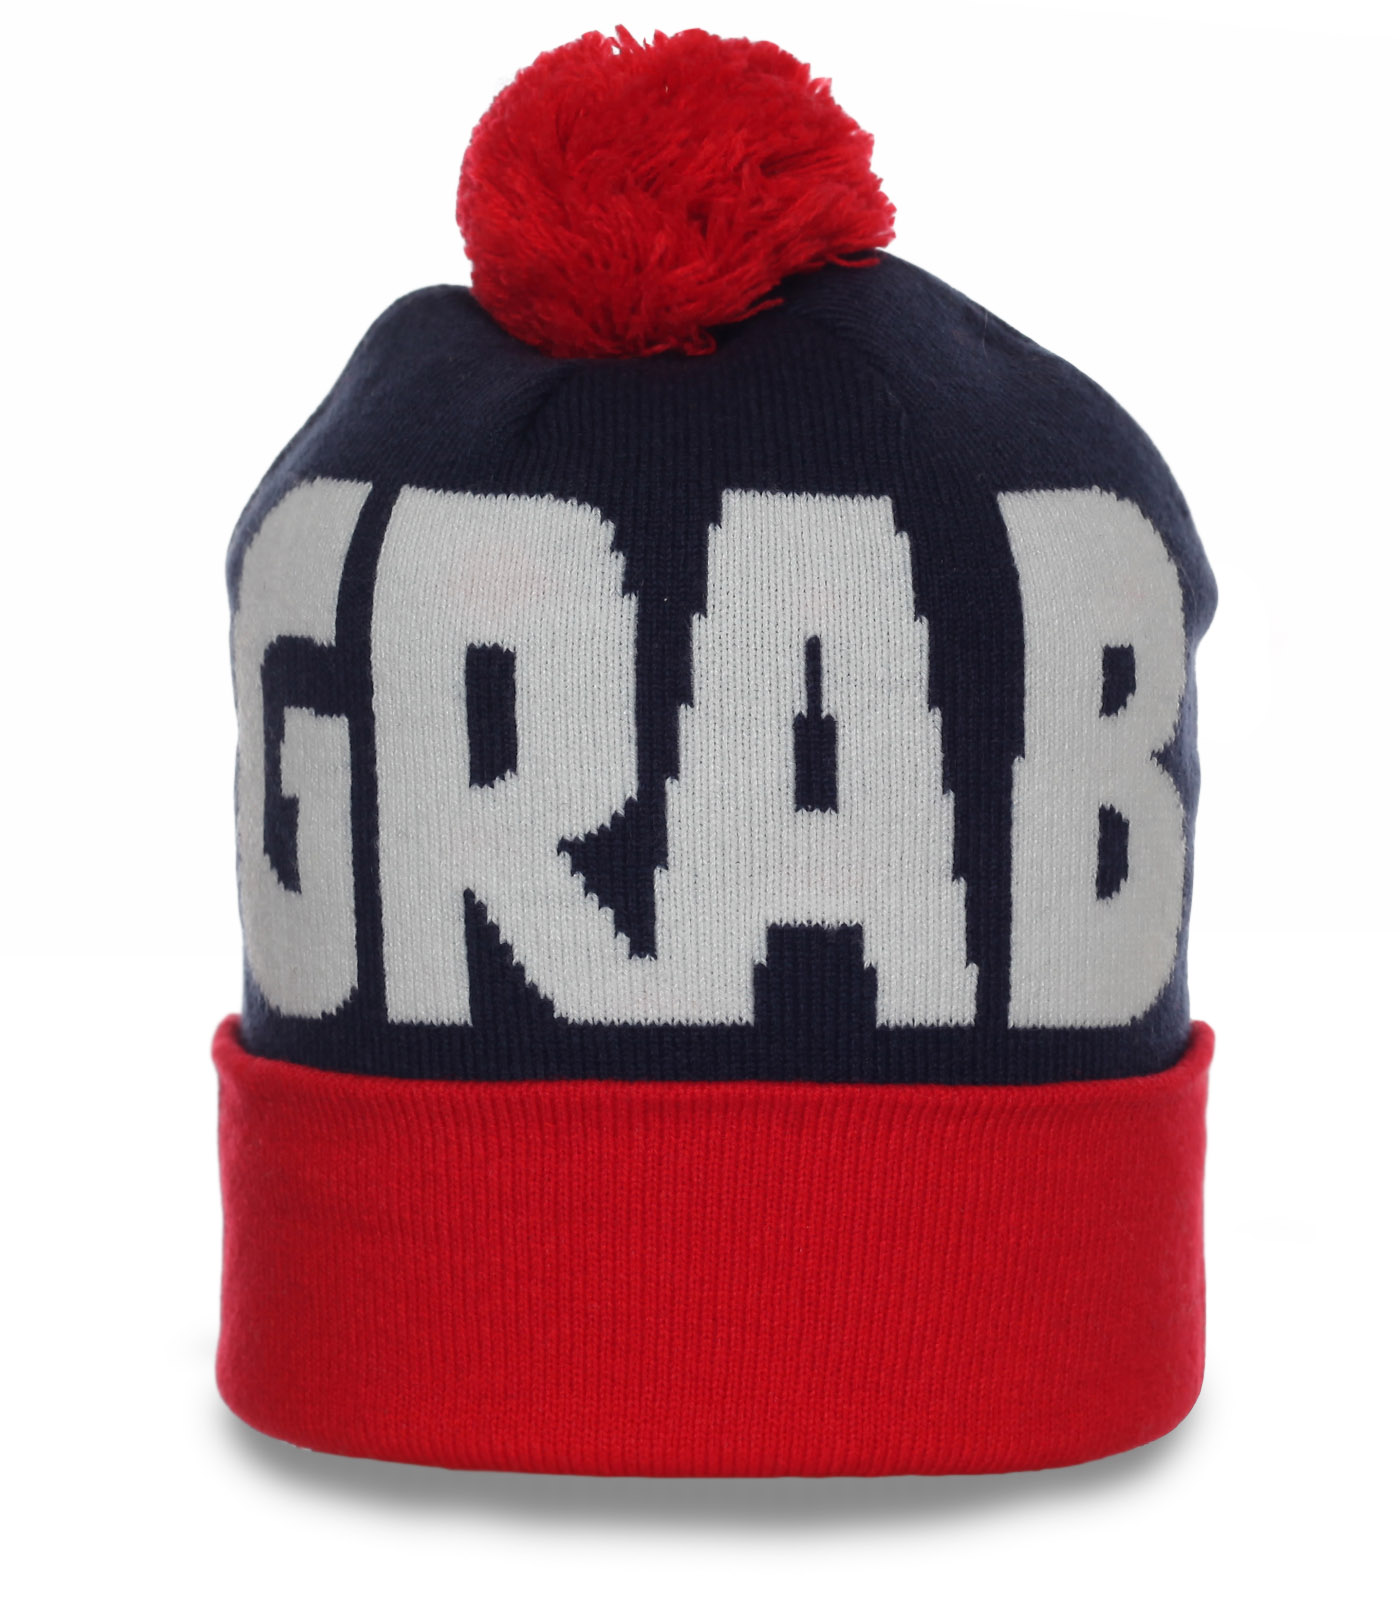 Актуальная мужская шапка Grab. То, что нужно для любой погоды. Надежно согреет и позволит выделиться. Мода и комфорт совместимы, заказывай!